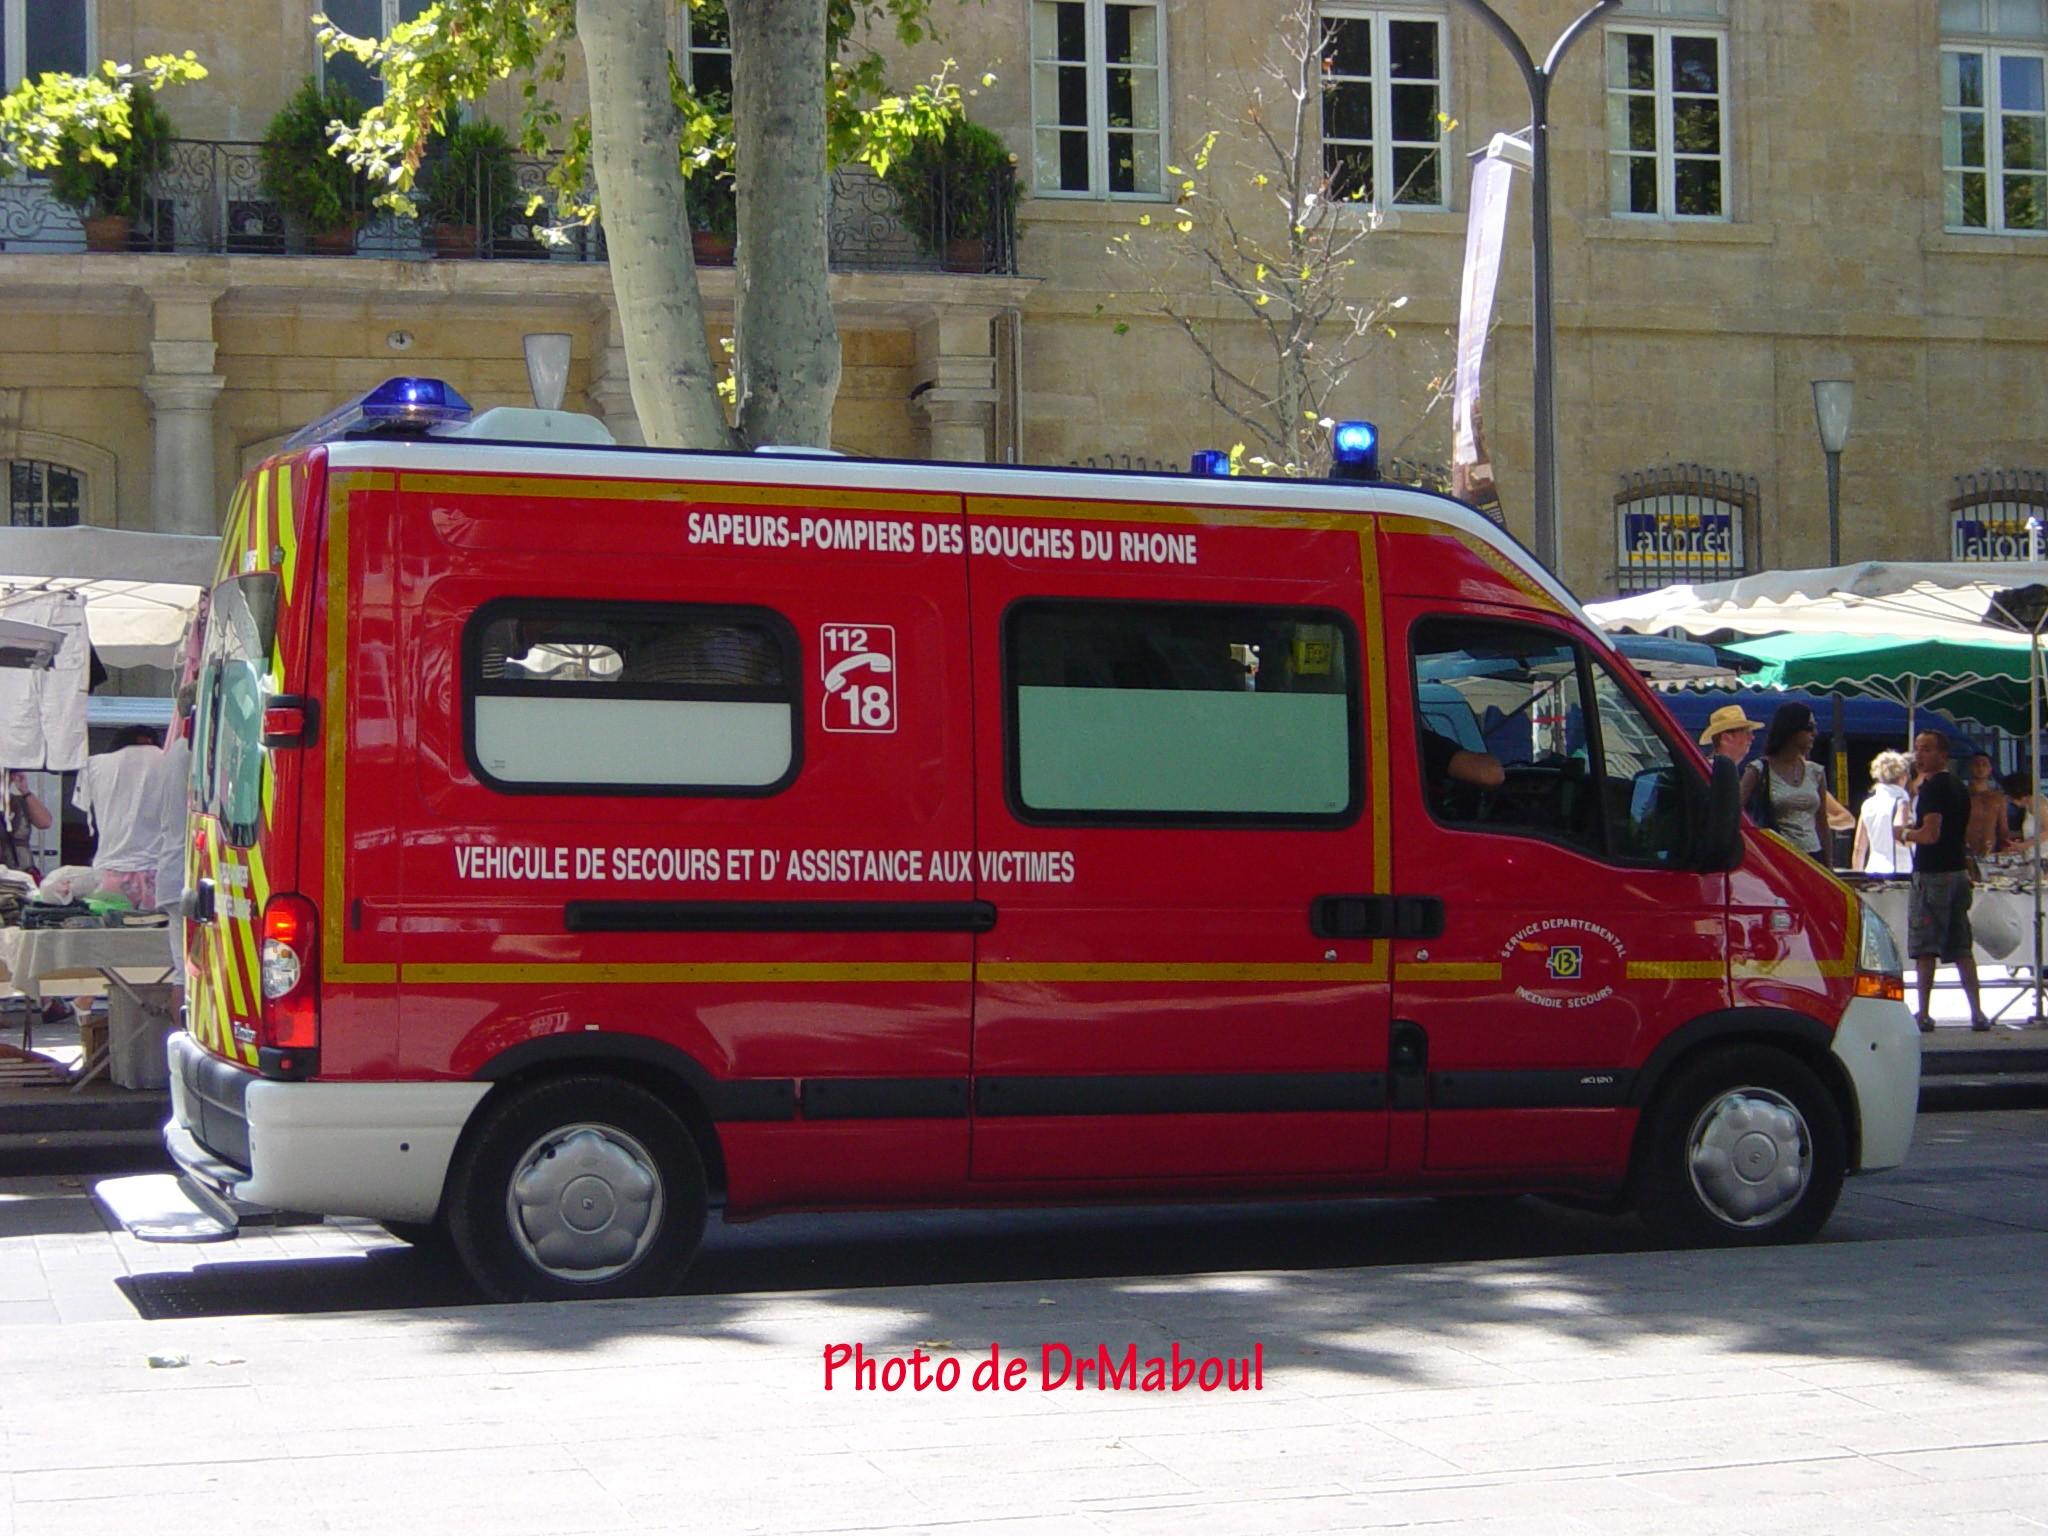 V hicules des pompiers fran ais page 666 auto titre for Casse auto 113 salon de provence